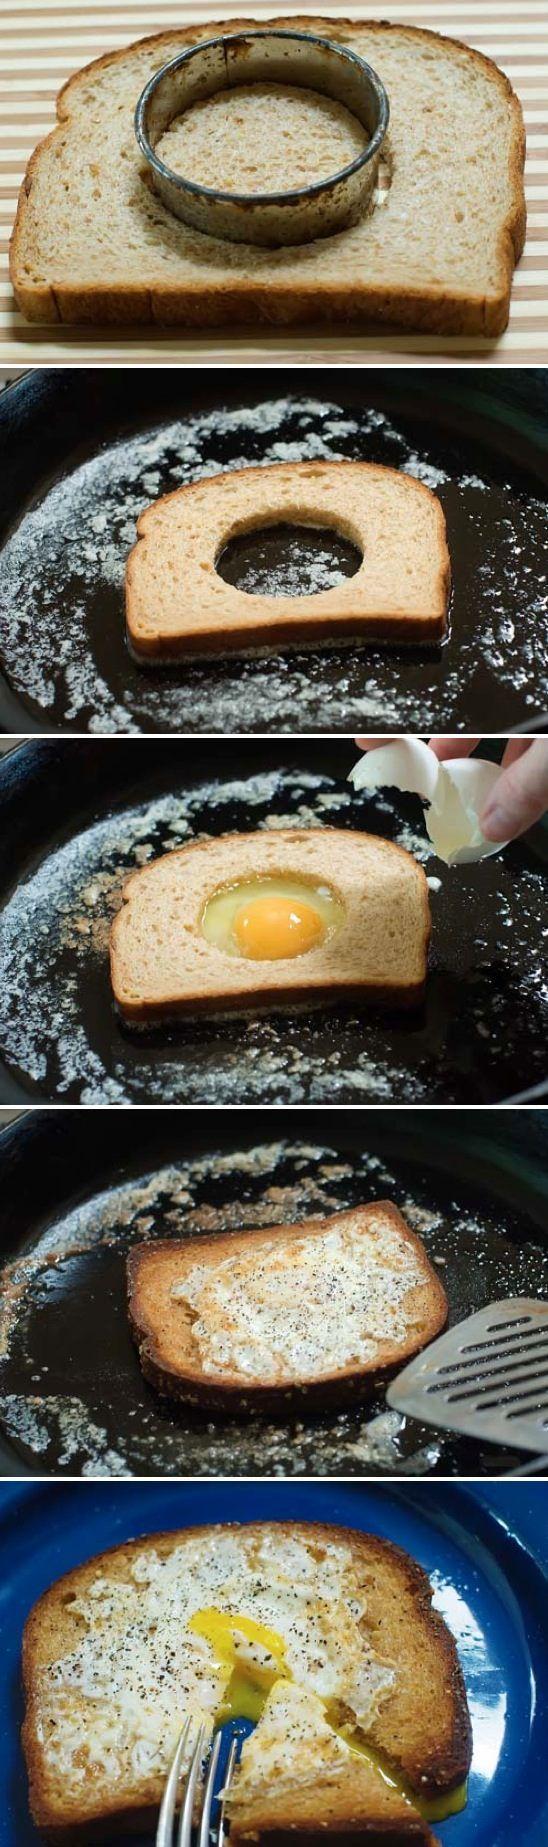 Top 10 Easy Breakfast Ideas Egg in a Hole. Sweet!